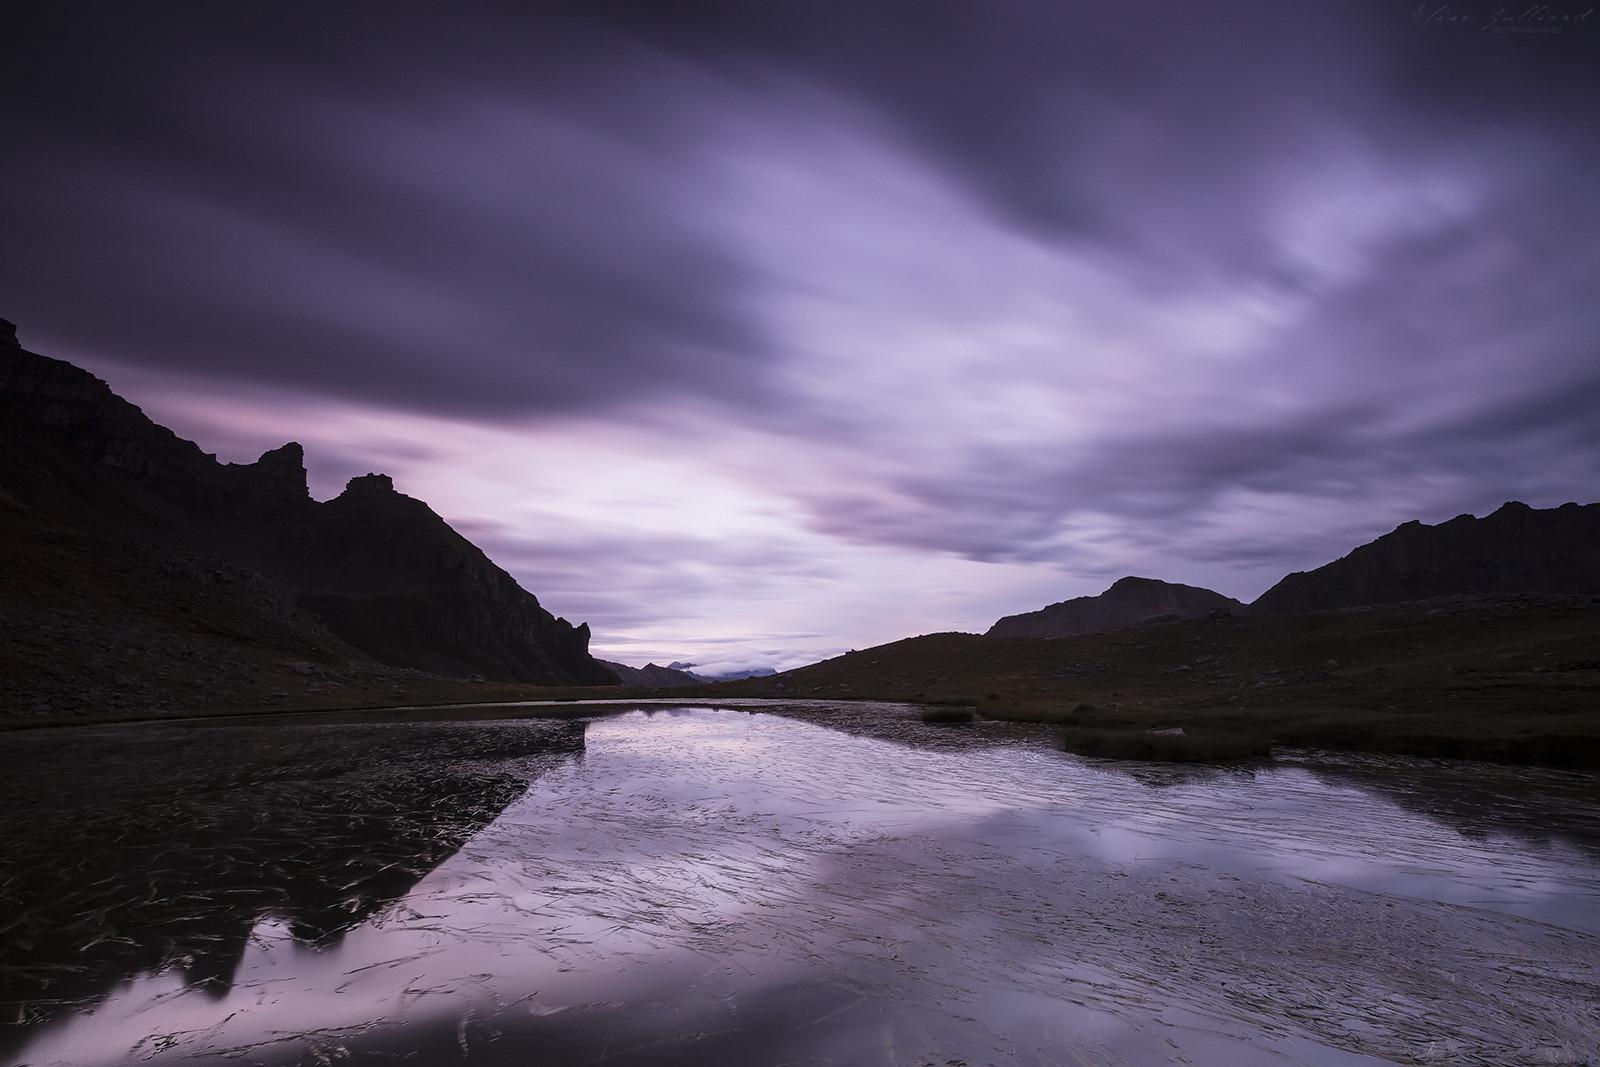 elise-julliard-photographe-paysage-landscape-parc-national-du-mercantour-alpes-maritimes-provence-alpes-cote-dazur-france-2